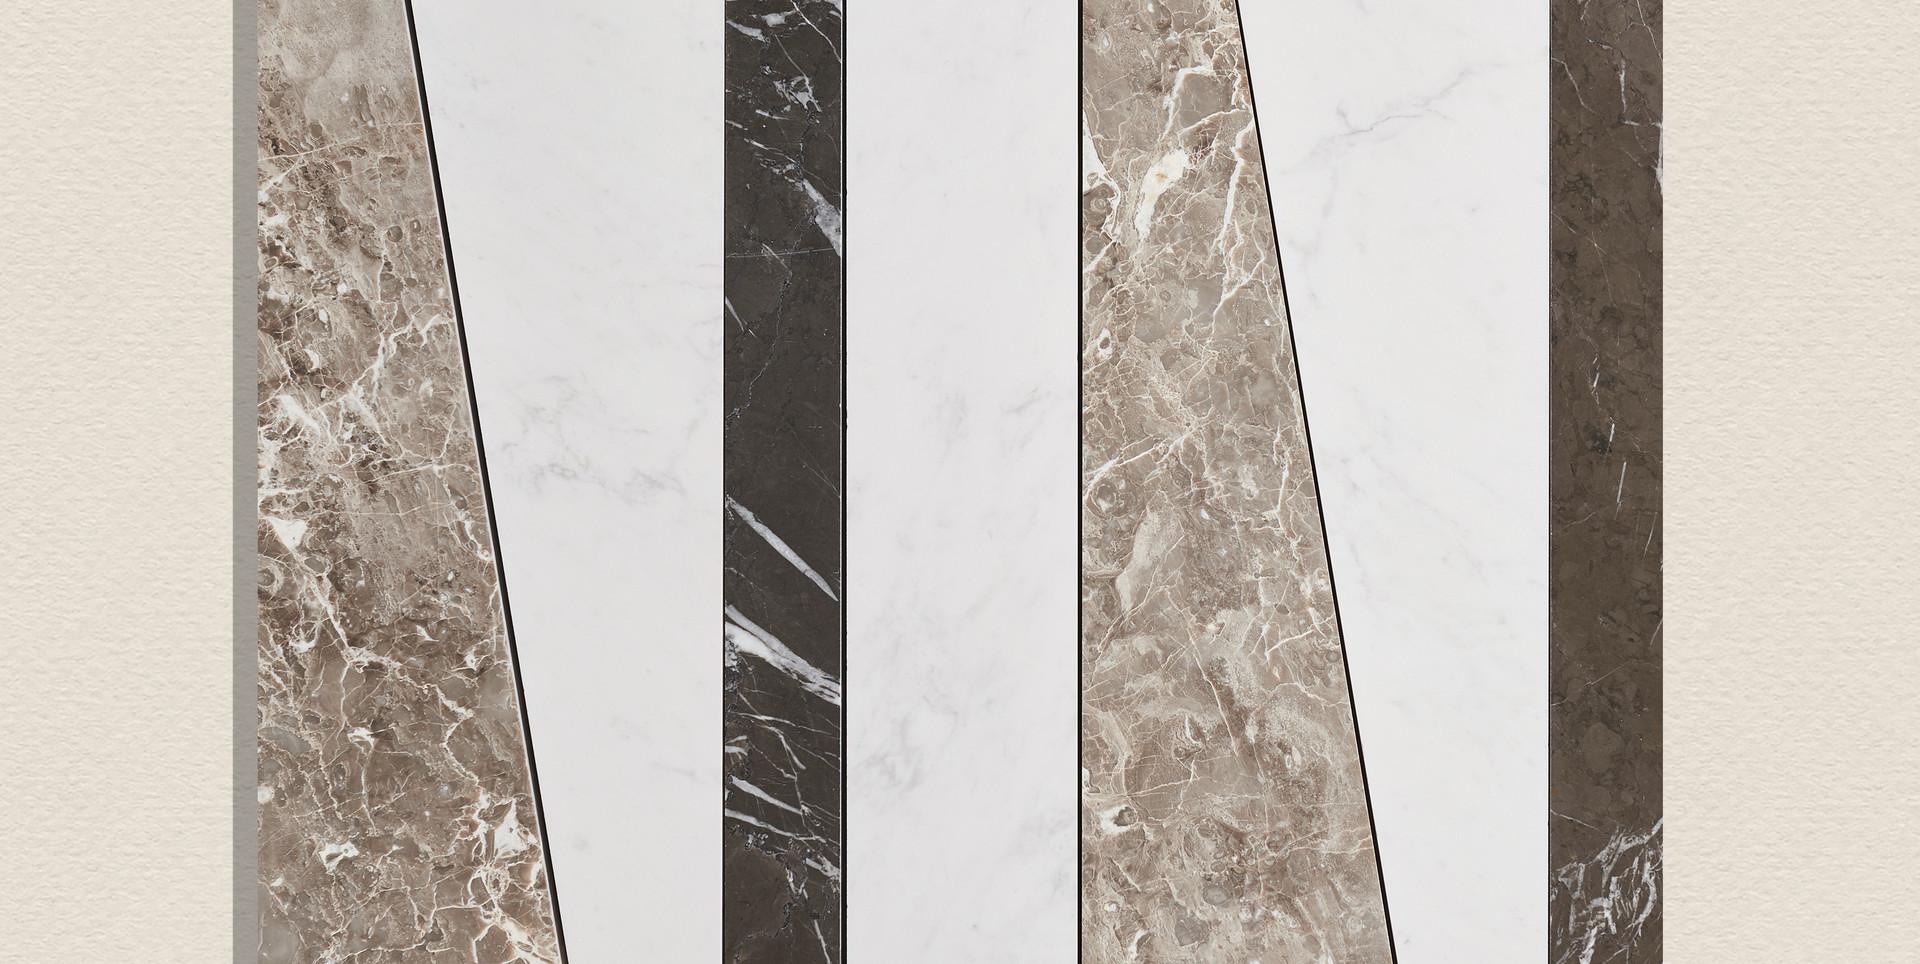 Grigio Cosmico + Brilliant white + Peary Grey